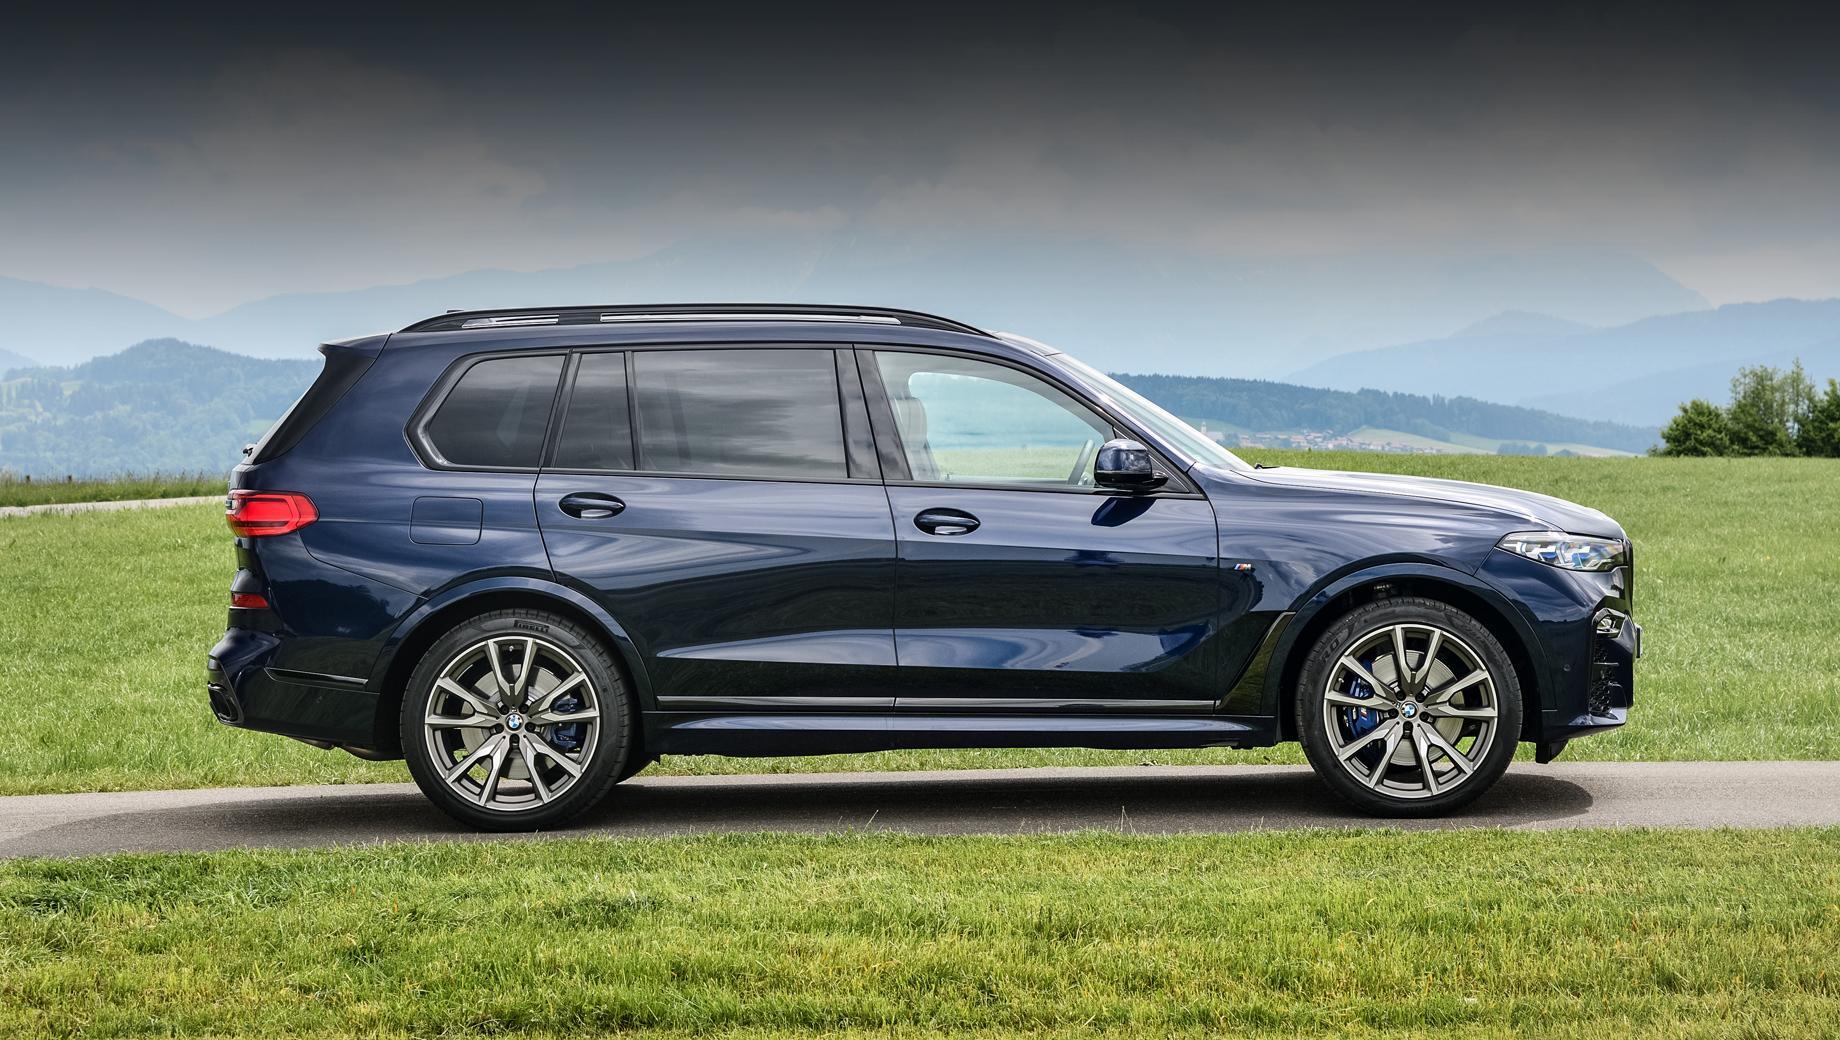 Дефектная сварка привела к отзыву кроссоверов BMW X5, X6 и X7